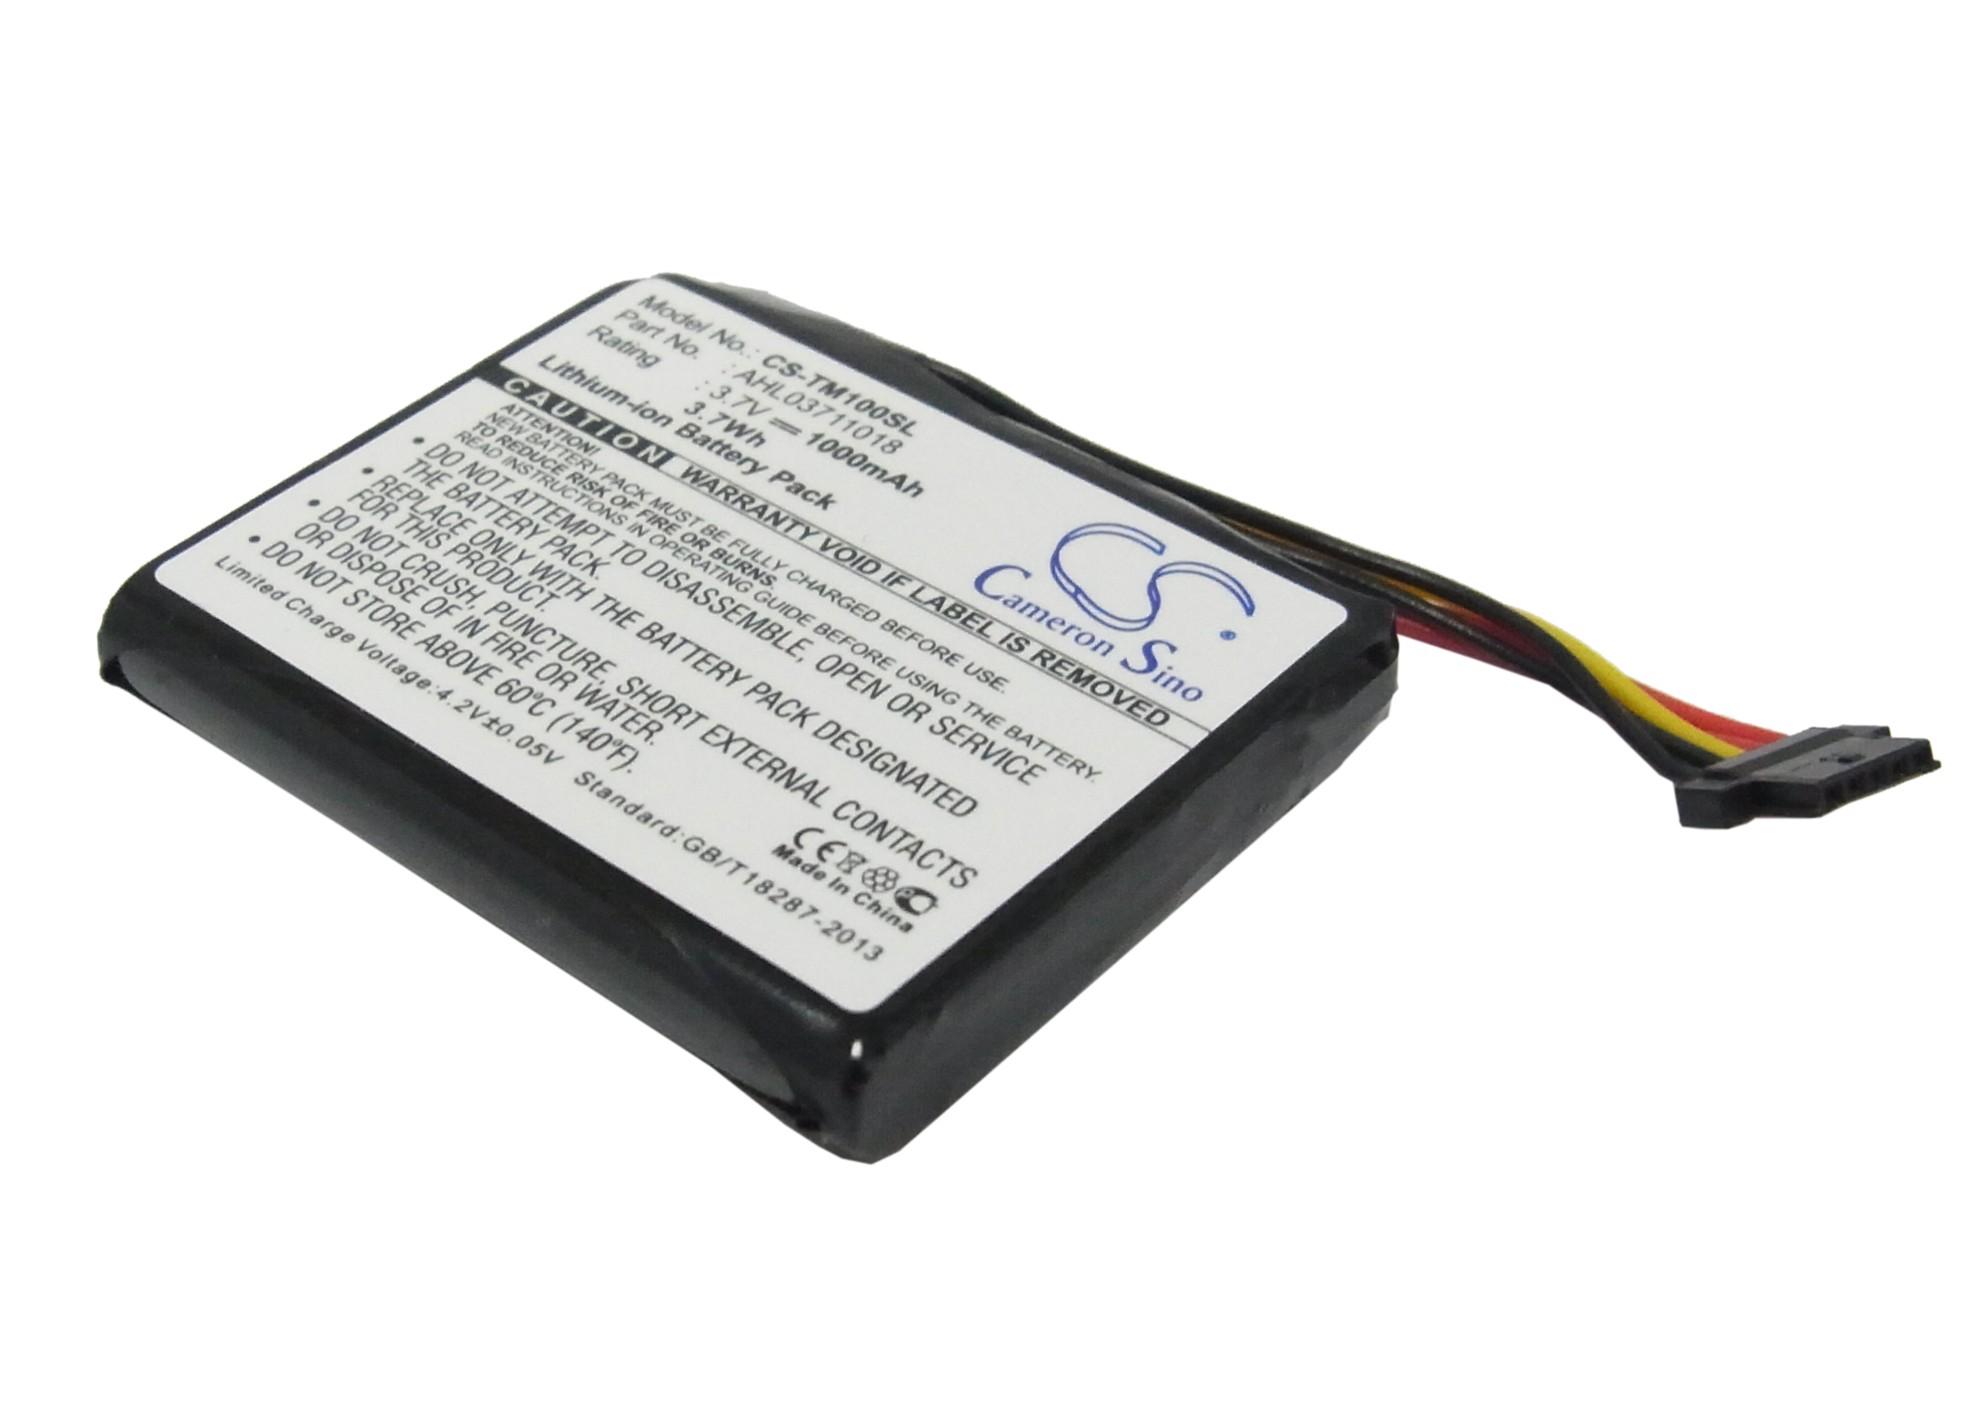 Cameron Sino baterie do navigací (gps) pro TOMTOM Go Live 1000 Regional 3.7V Li-ion 1000mAh černá - neoriginální